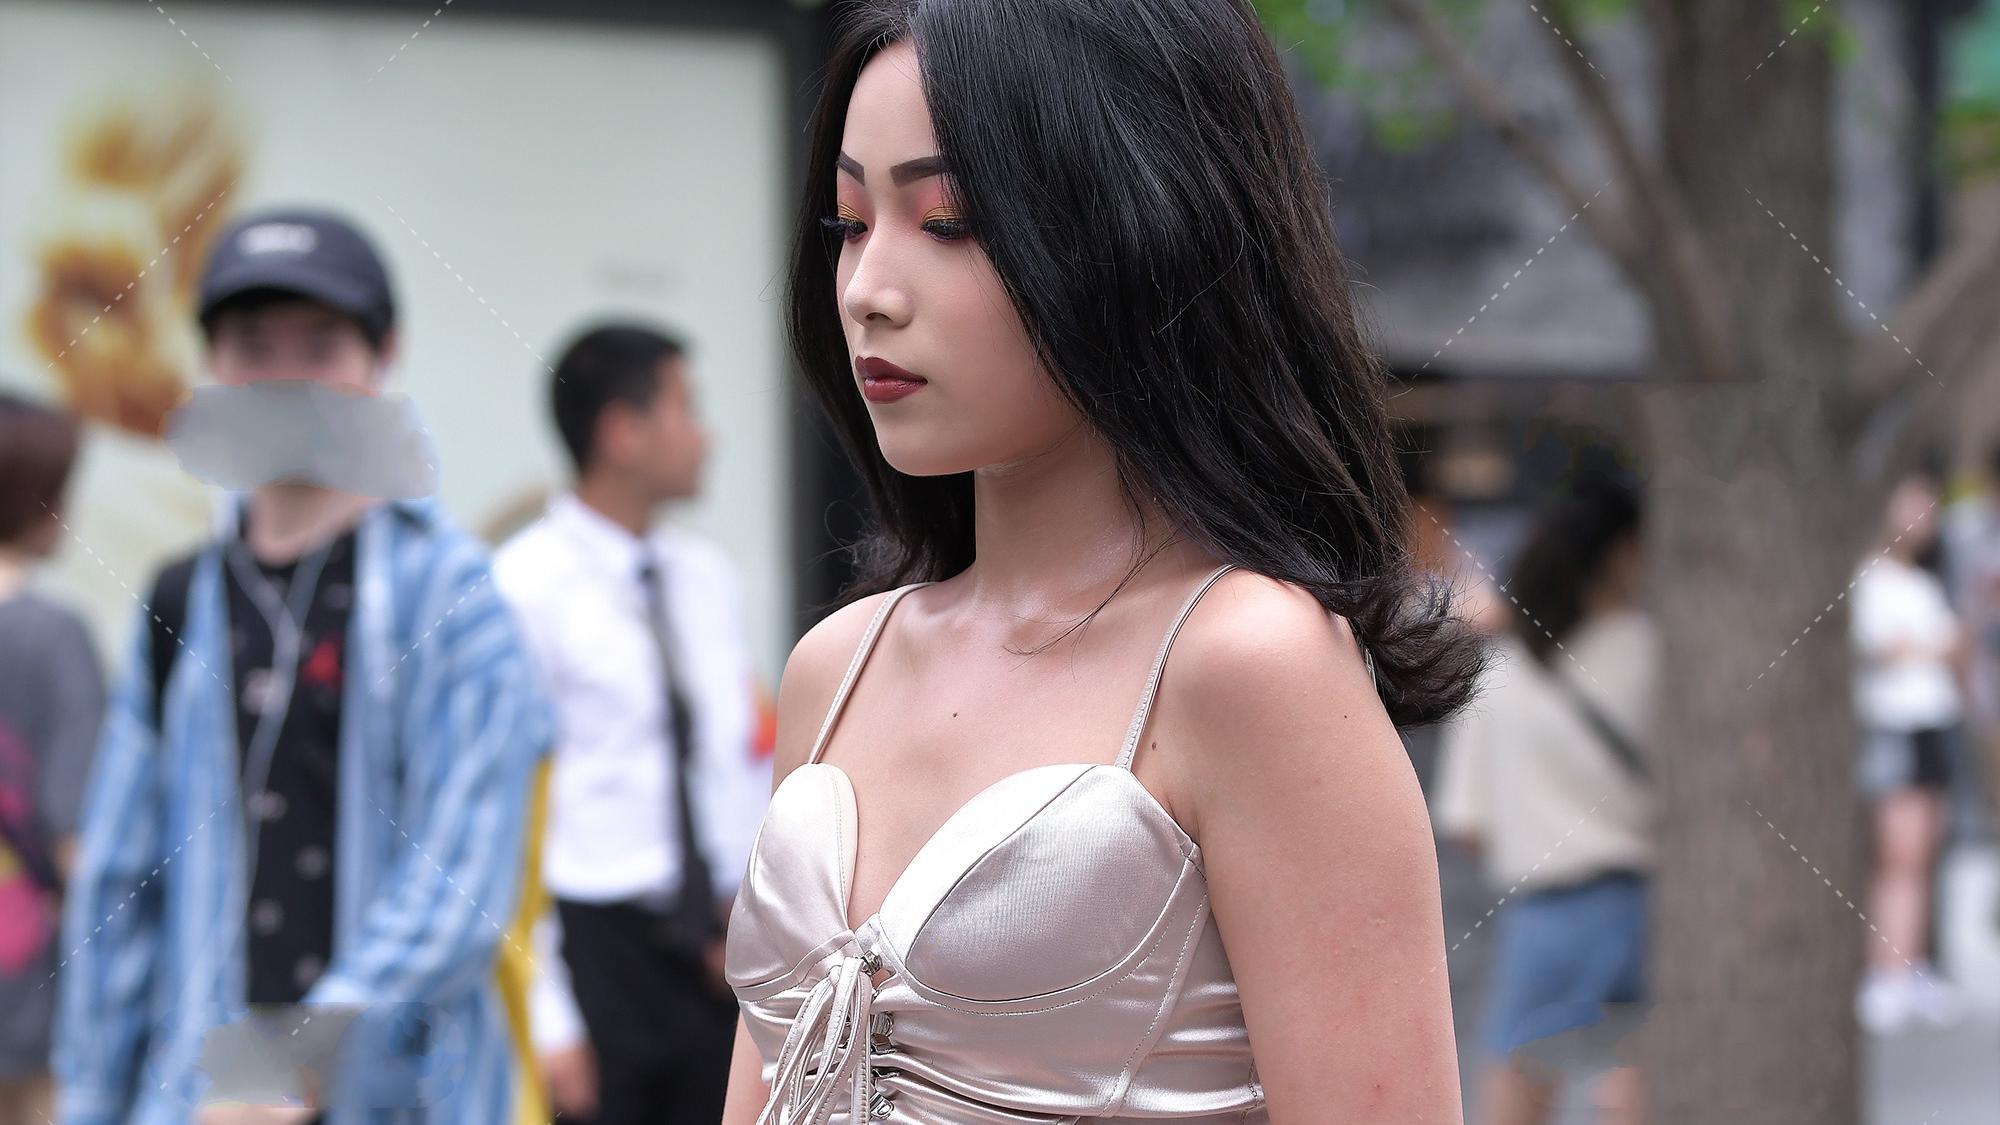 性感吊带连衣裙搭配高跟鞋,穿出性感时尚风格,优雅迷人